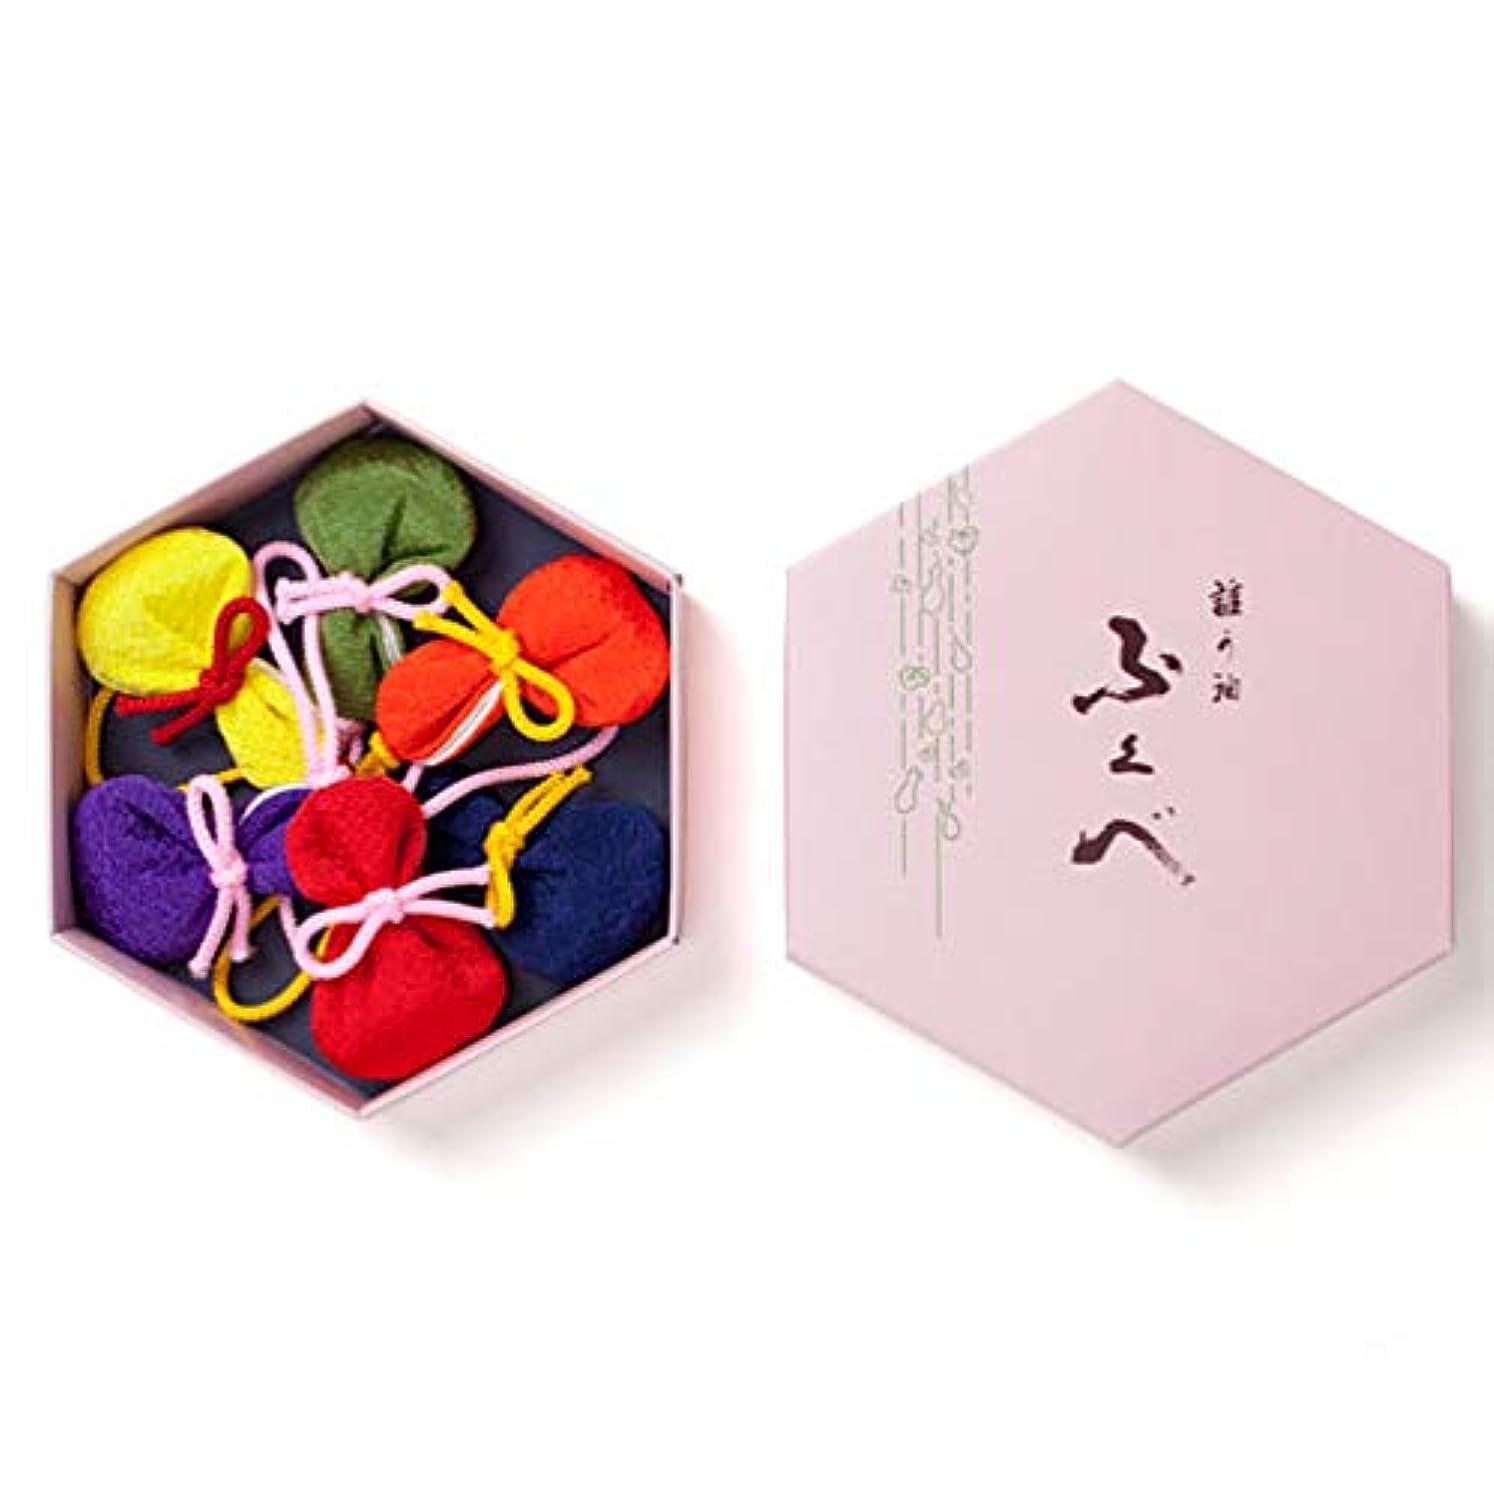 乱闘ケント演じる松栄堂 誰が袖 ふくべ 匂い袋 6個入 (柄?無地) (無地)